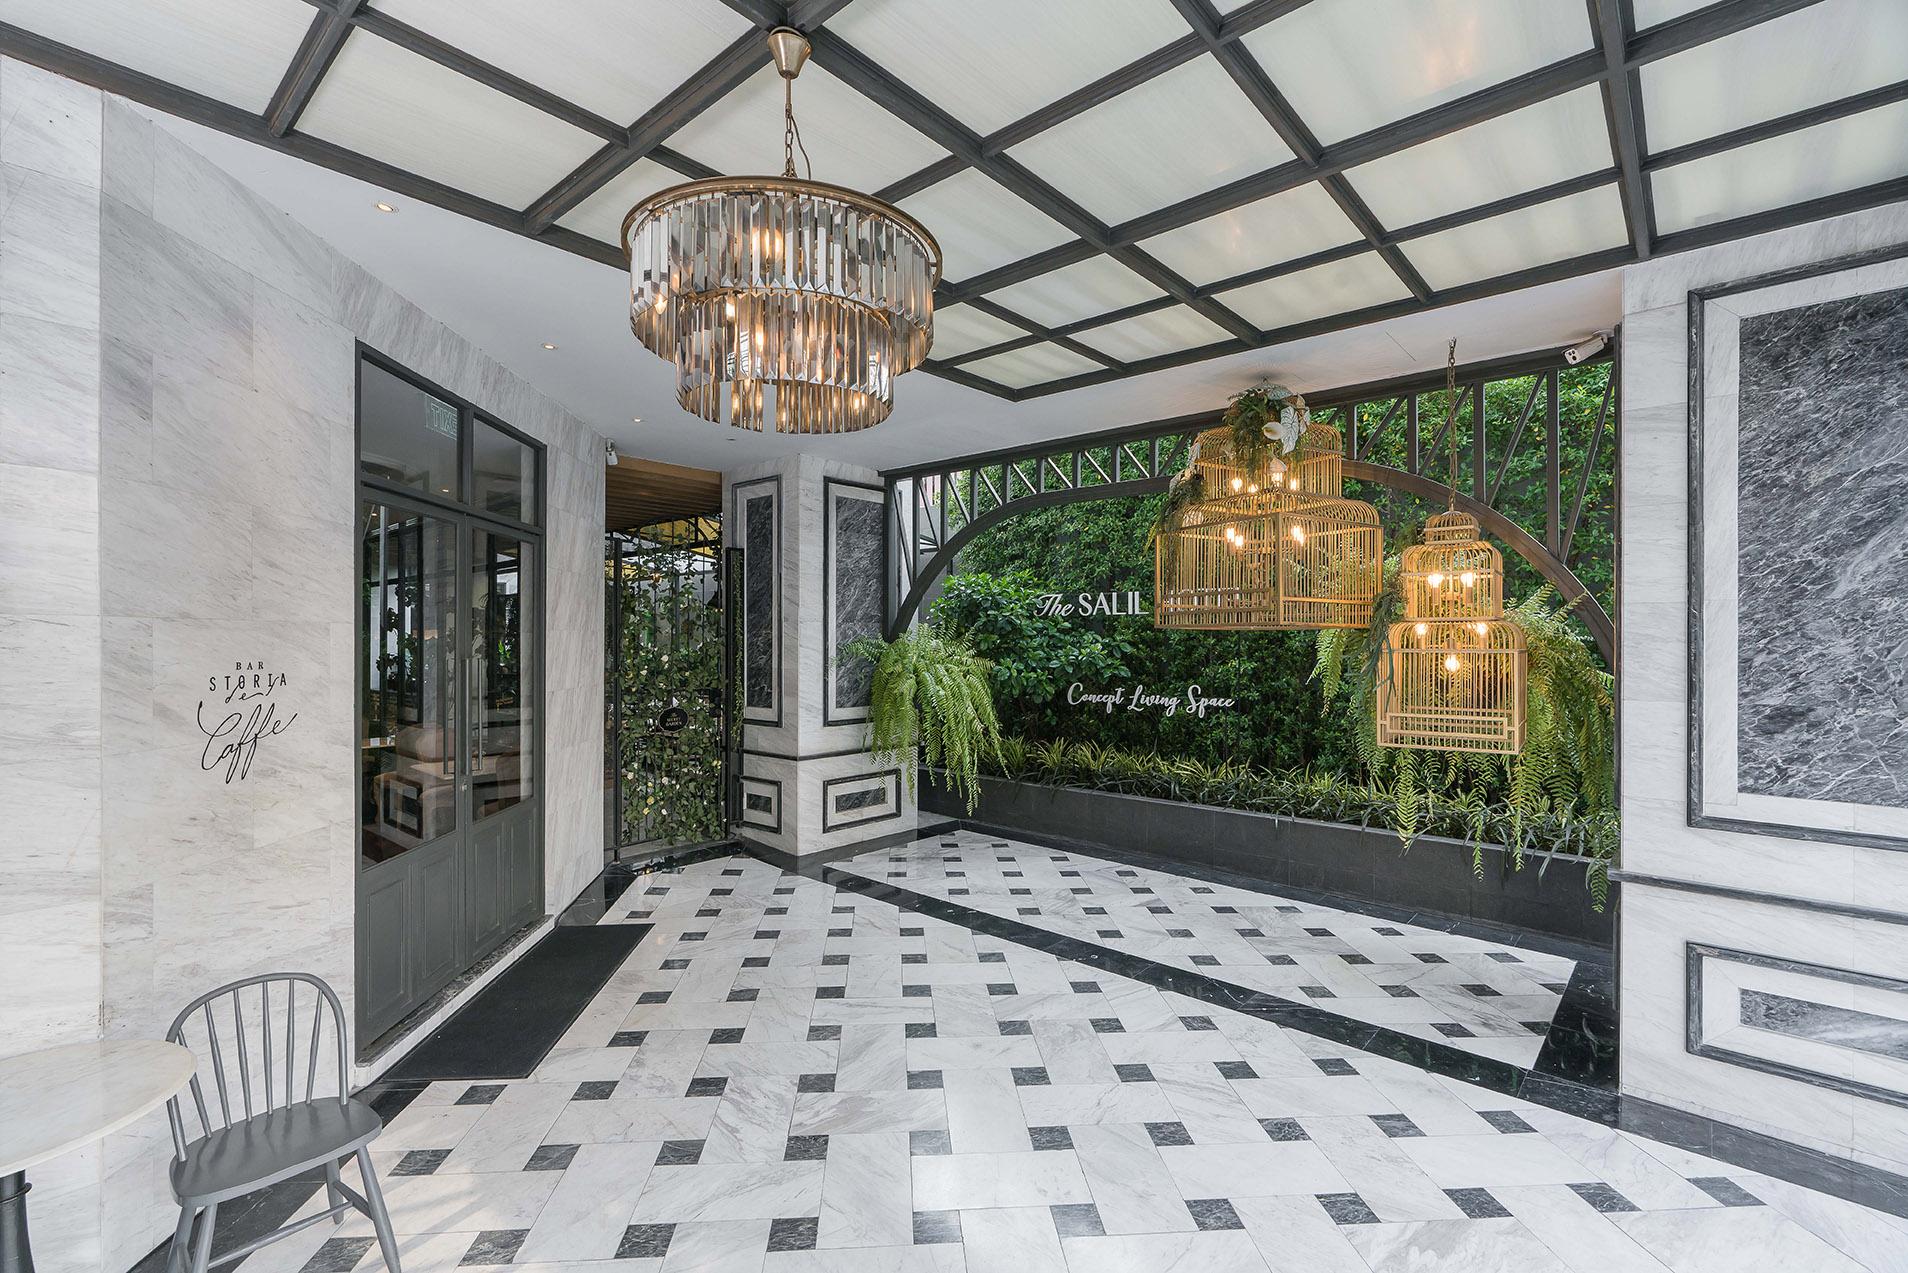 曼谷素坤逸57号萨利酒店 (图片来源:The Salil Hotel Sukhumvit 57 – Thonglor)